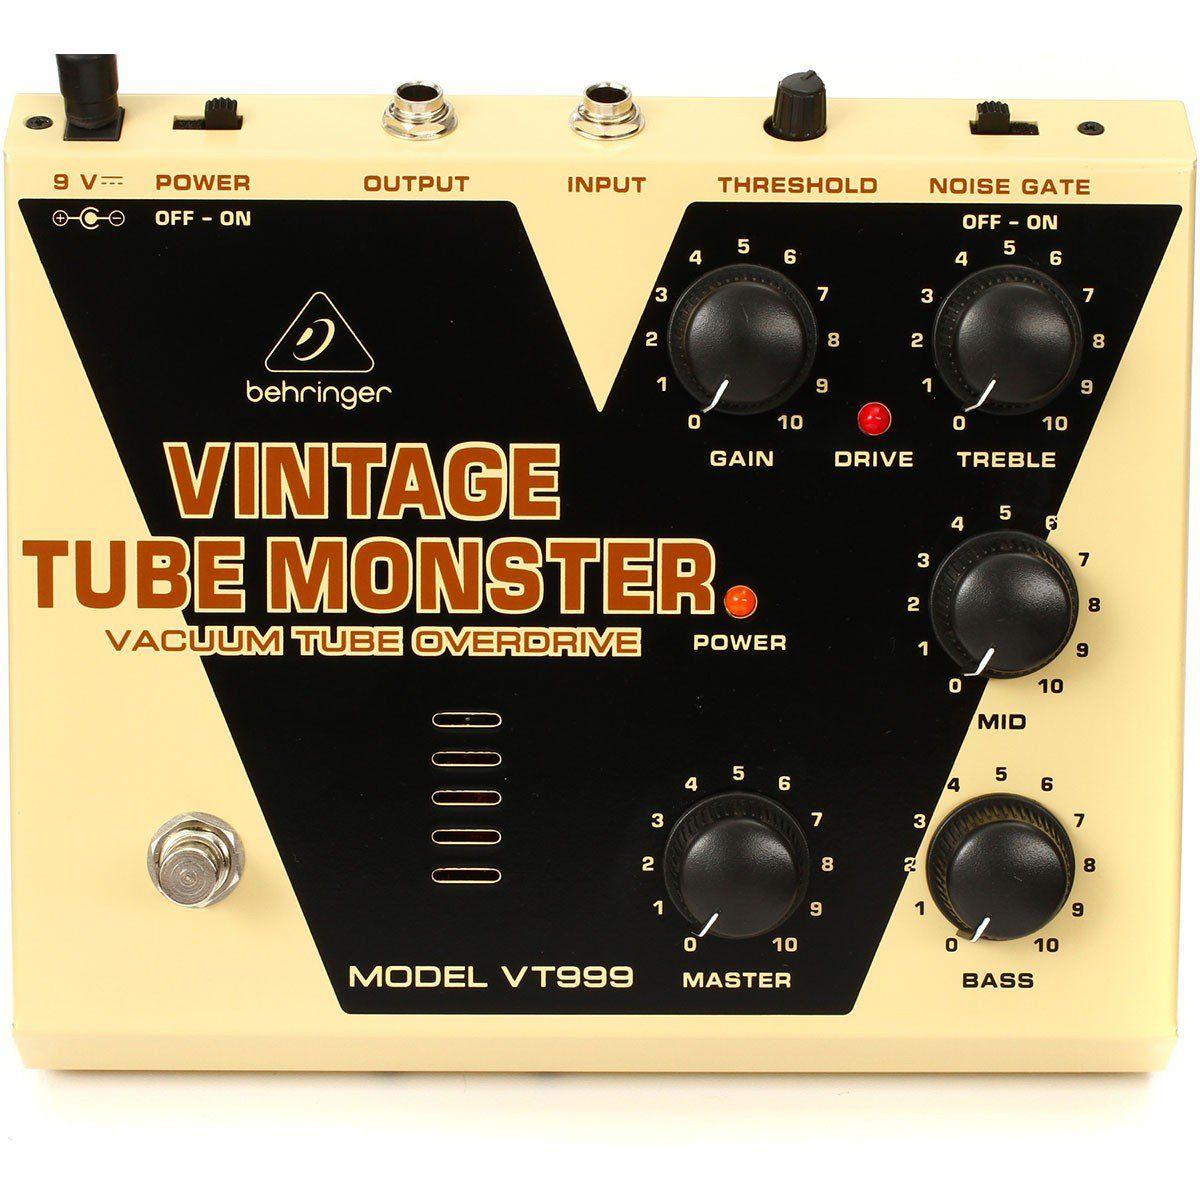 Behringer VT999 Vintage Tube Monster Pedal para Guitarra Profissional Home Studio